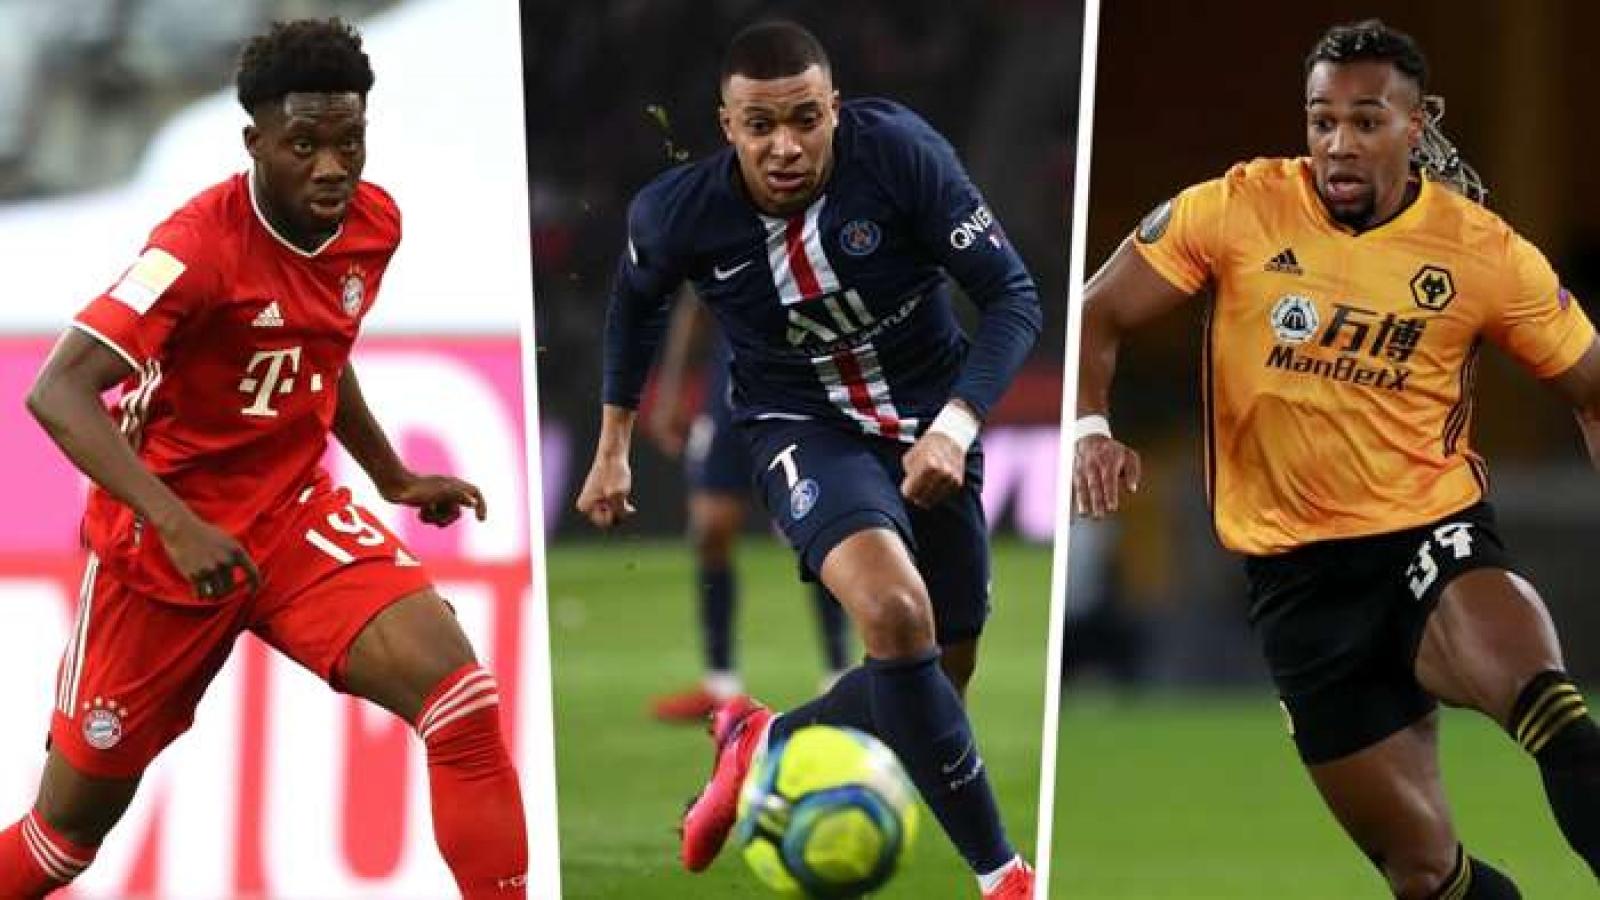 10 cầu thủ chạy nhanh nhất thế giới trong FIFA 21: Adama Traore dẫn đầu